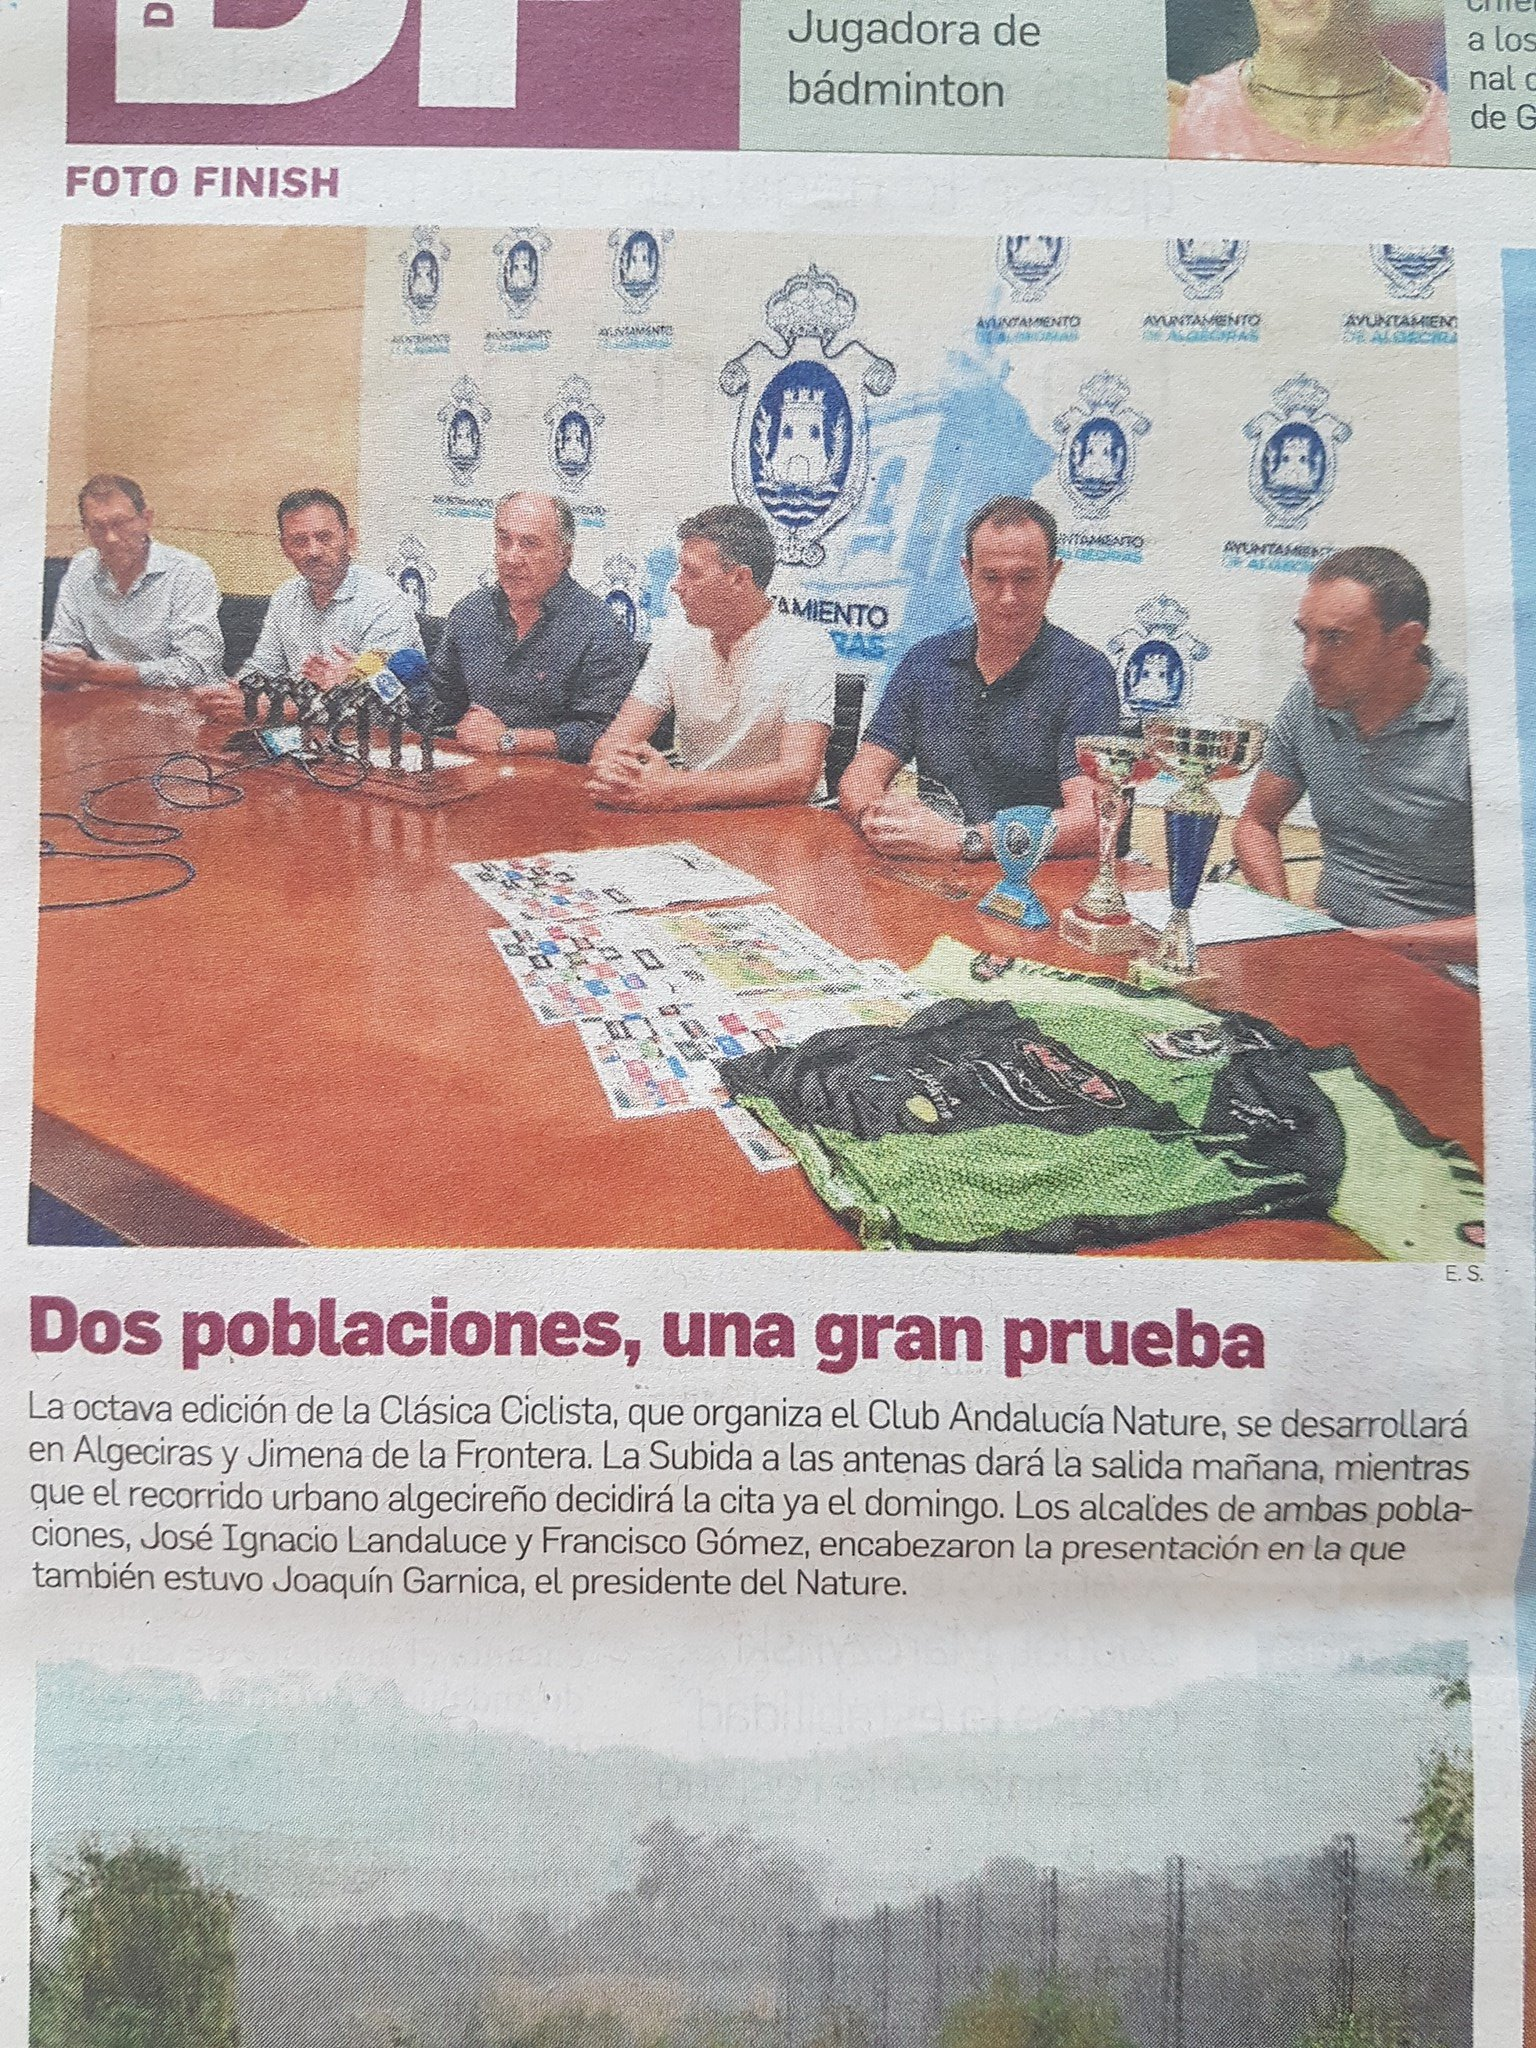 VUELTA ANDALUCIA NATURE: 1ª ETAPA - SUBIDA A LAS ANTENAS DE JIMENA